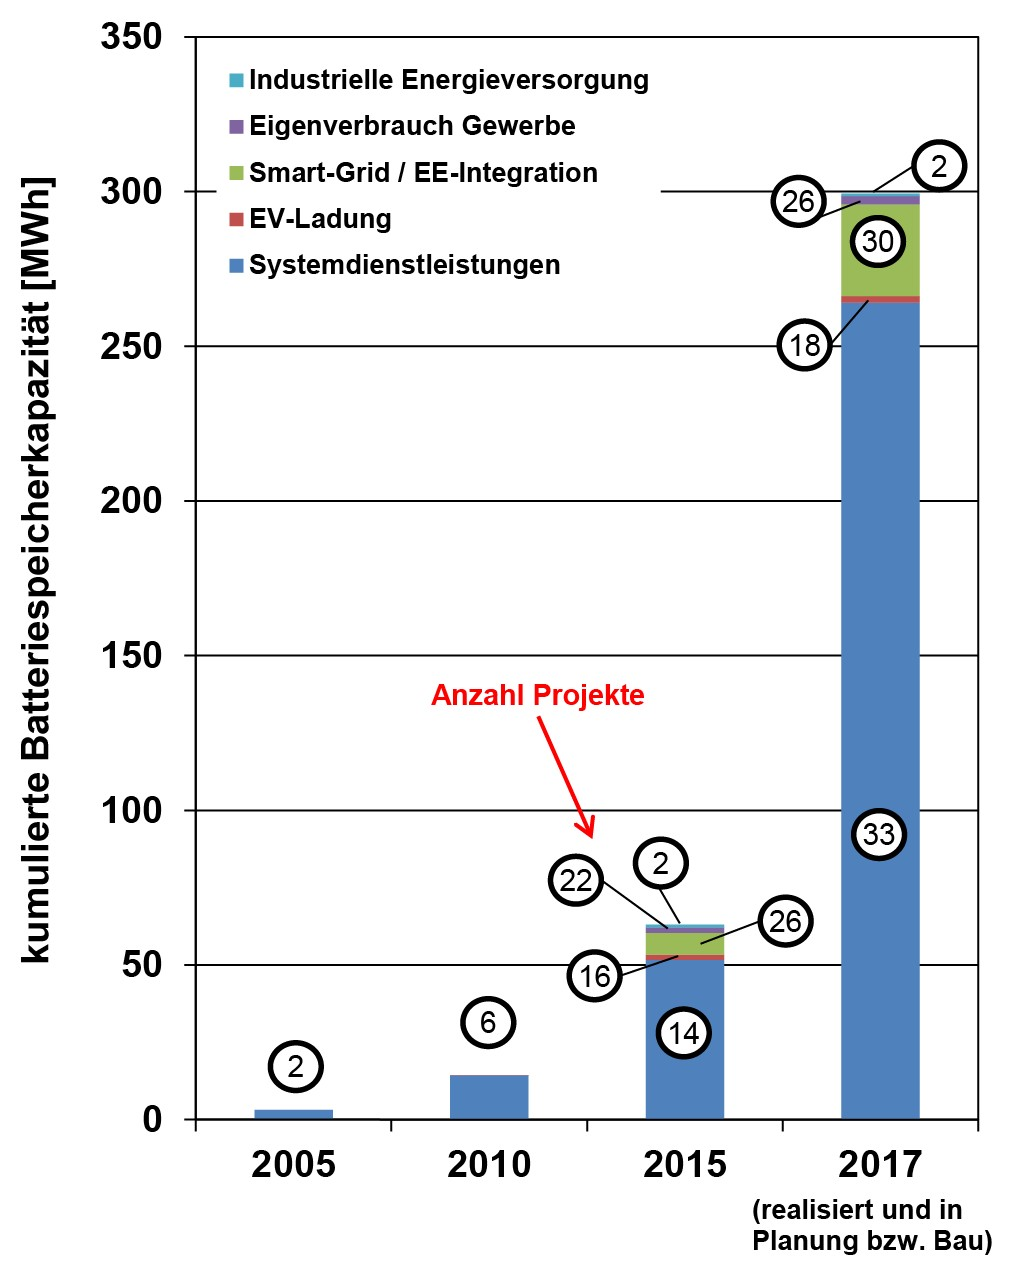 Bild 2 Entwicklung der Batteriespeicherkapazität und Anzahl stationärer Batteriespeicher in Deutschland nach Einsatzgebieten (Quelle: FZJ Datenbank). Bild: eigene Darstellung